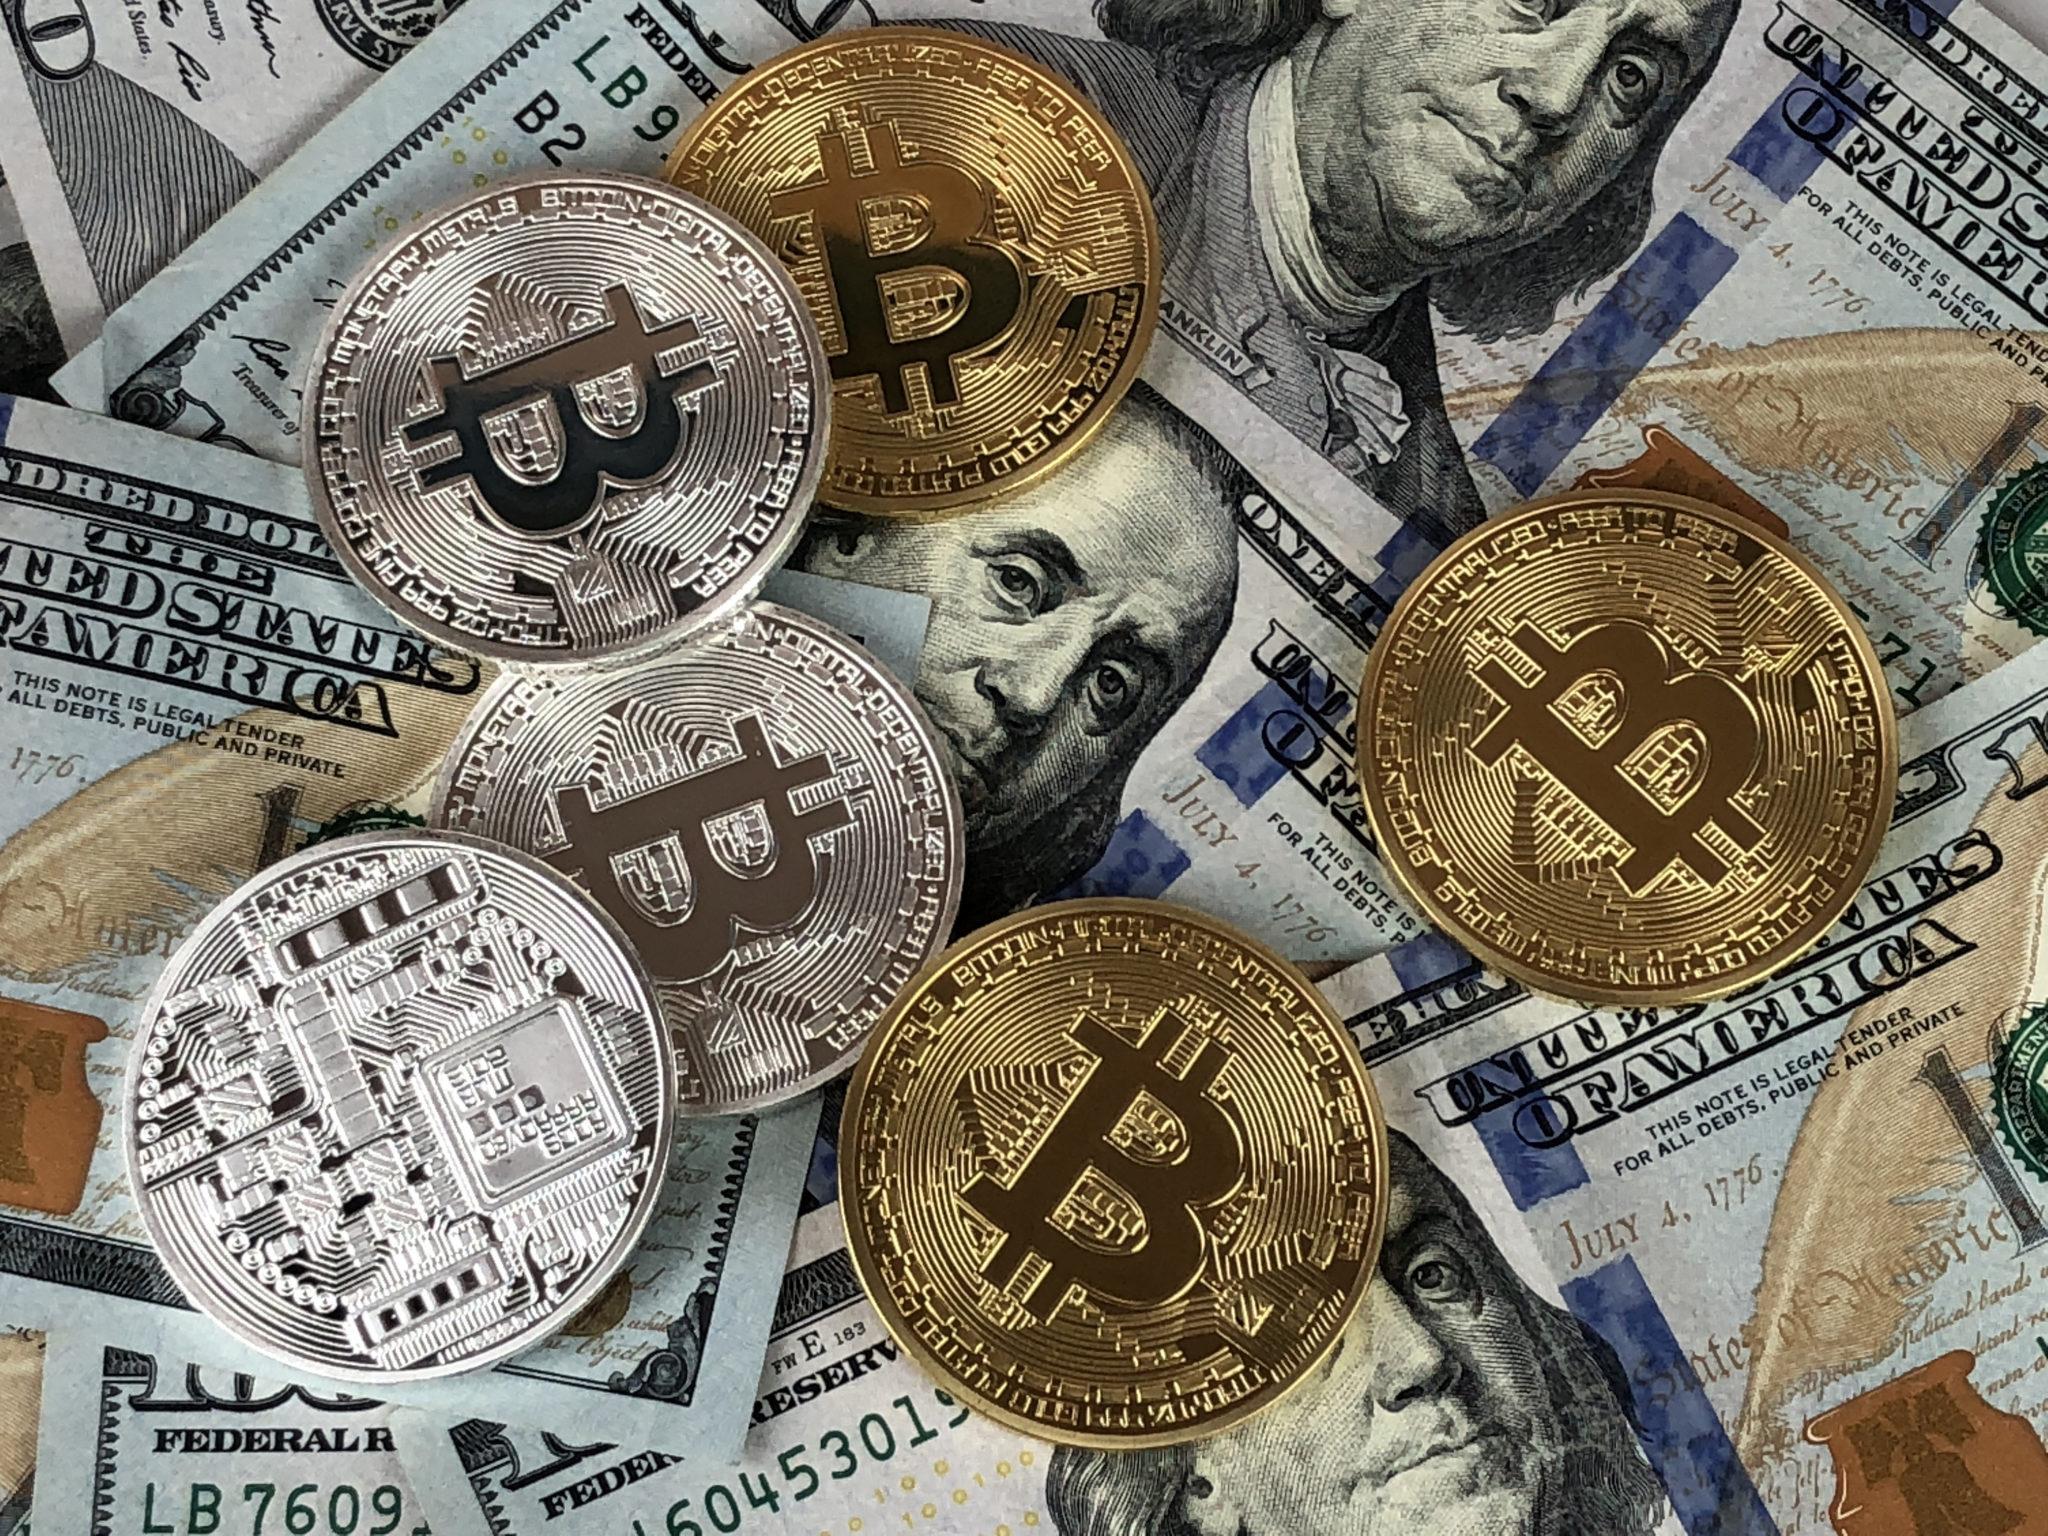 legolcsóbb ország a bitcoin bányászat számára vásároljon elemeket bitcoin-szal